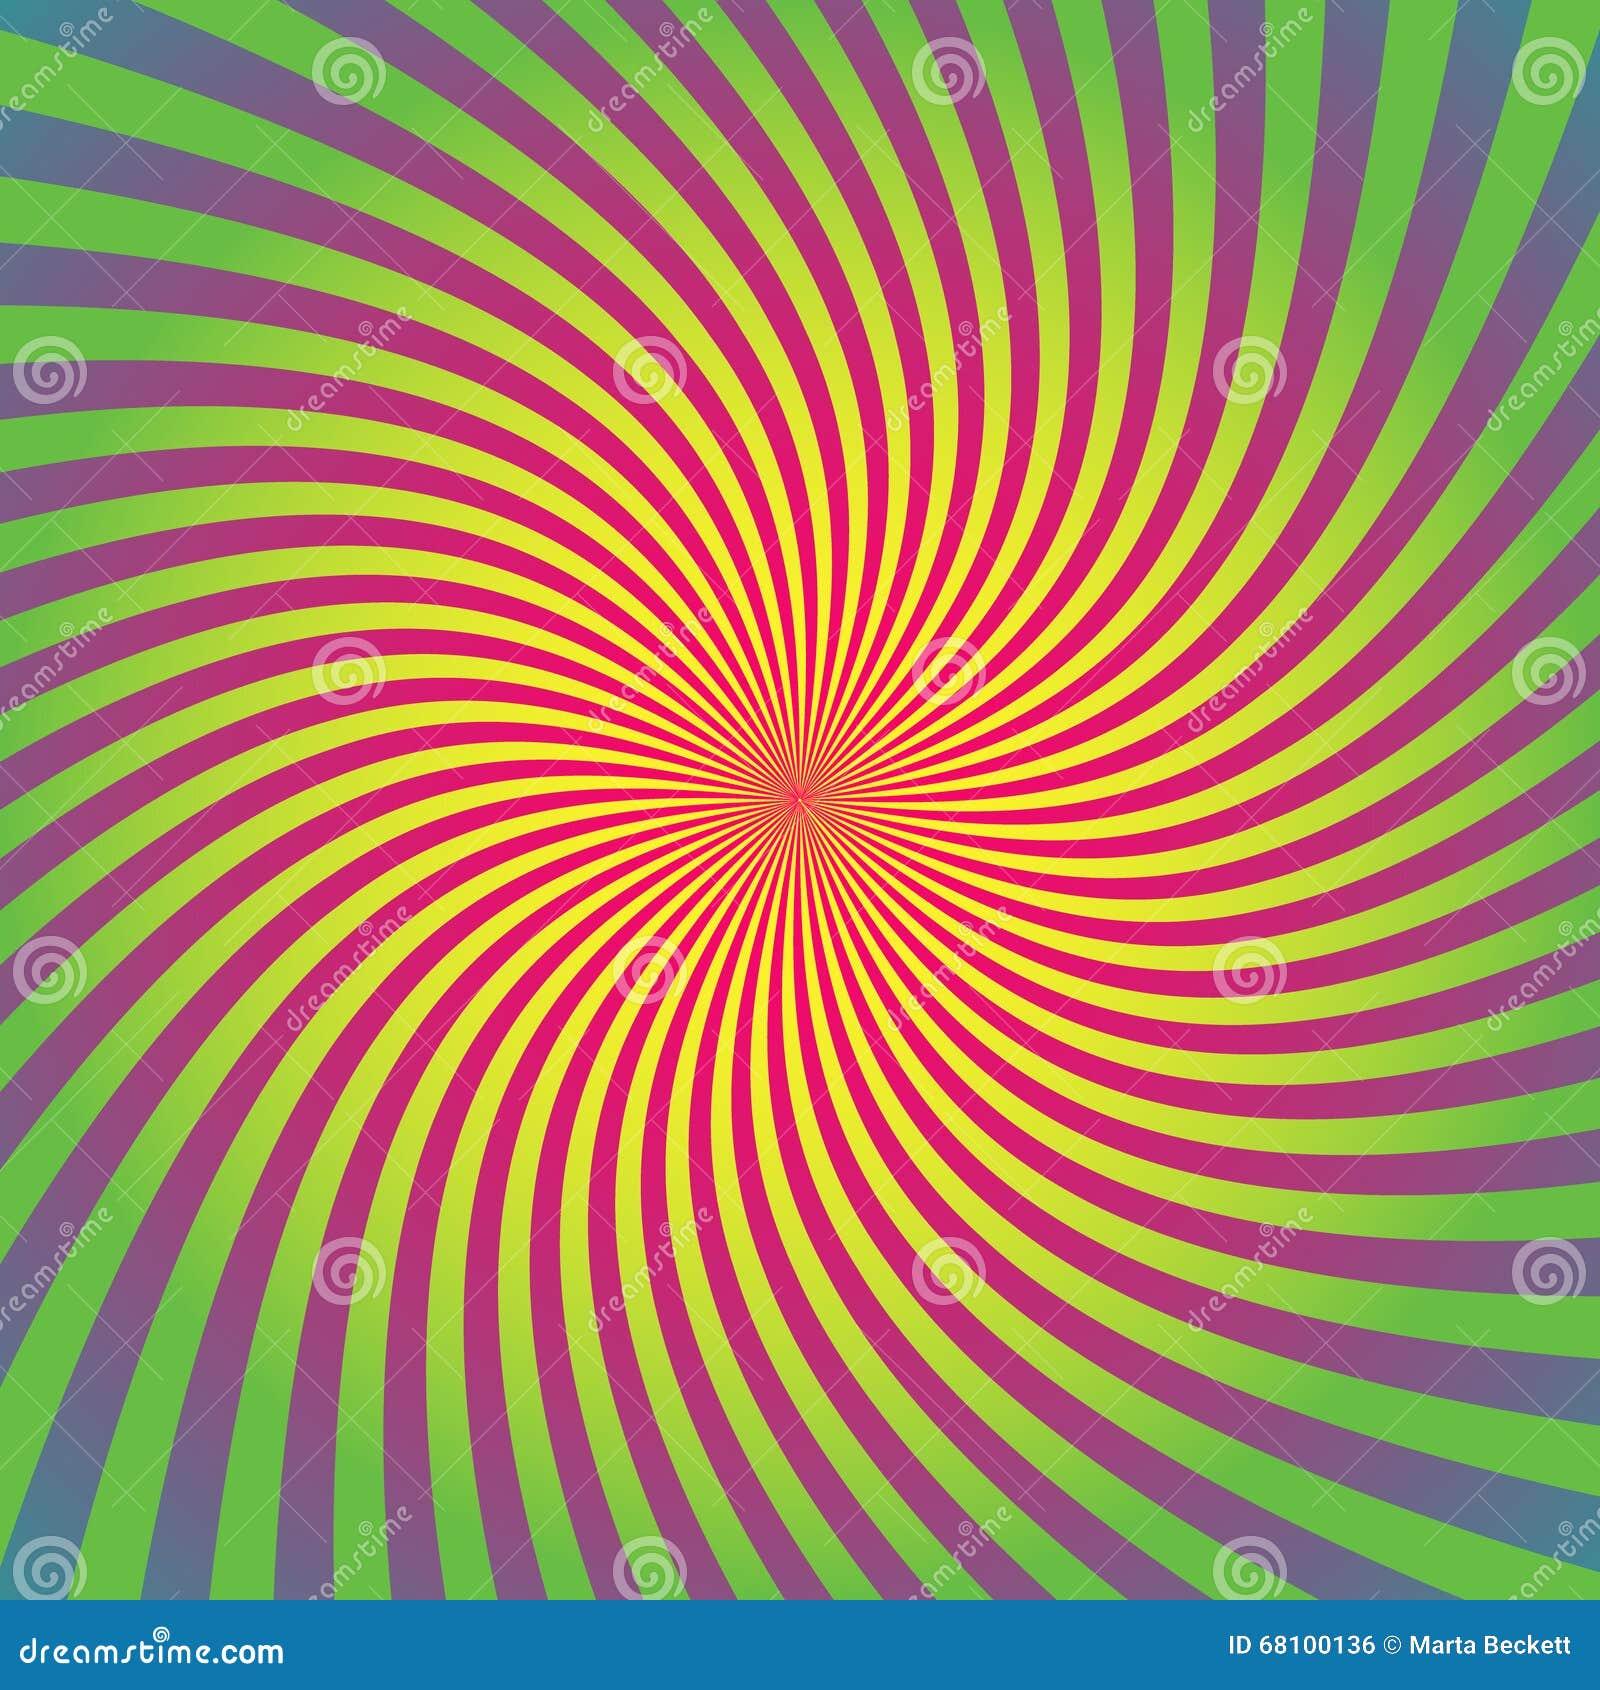 O Sunburst, grupo do fundo do starburst, raios coloridos, feixes, coloriu a urdidura, torção, giro